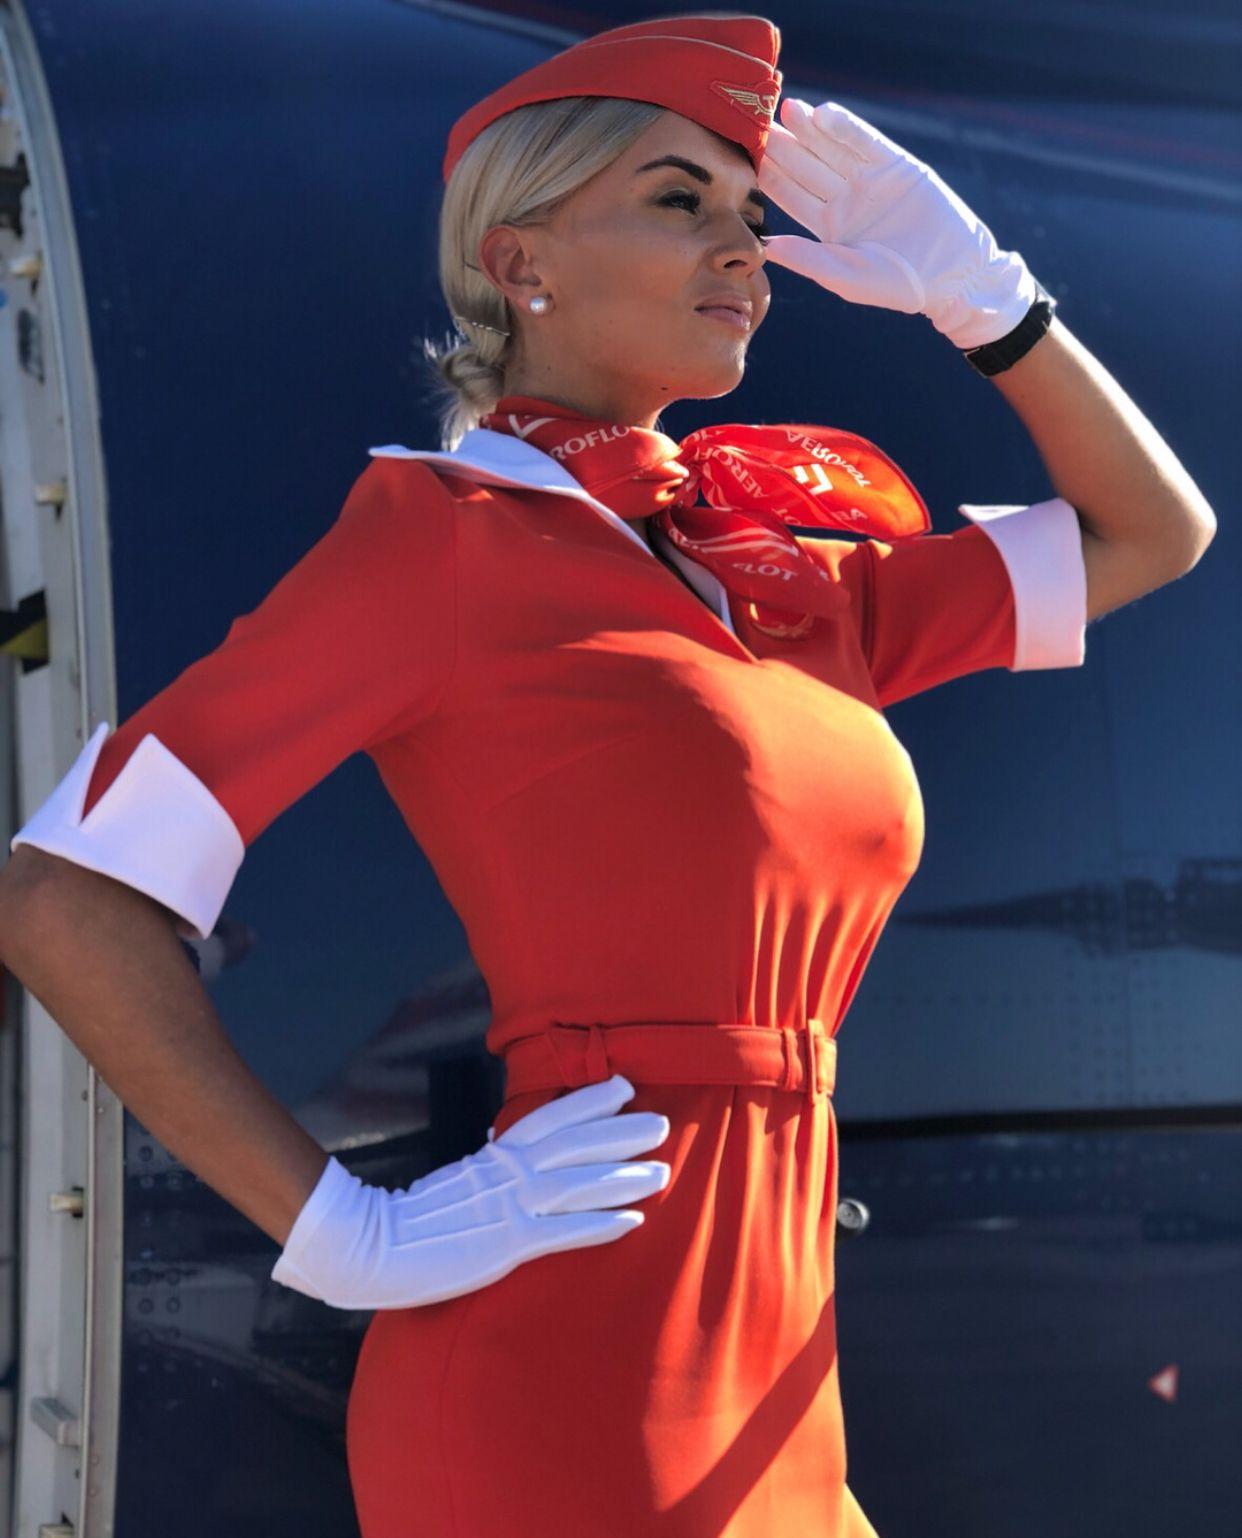 фото стюардессы без лифа